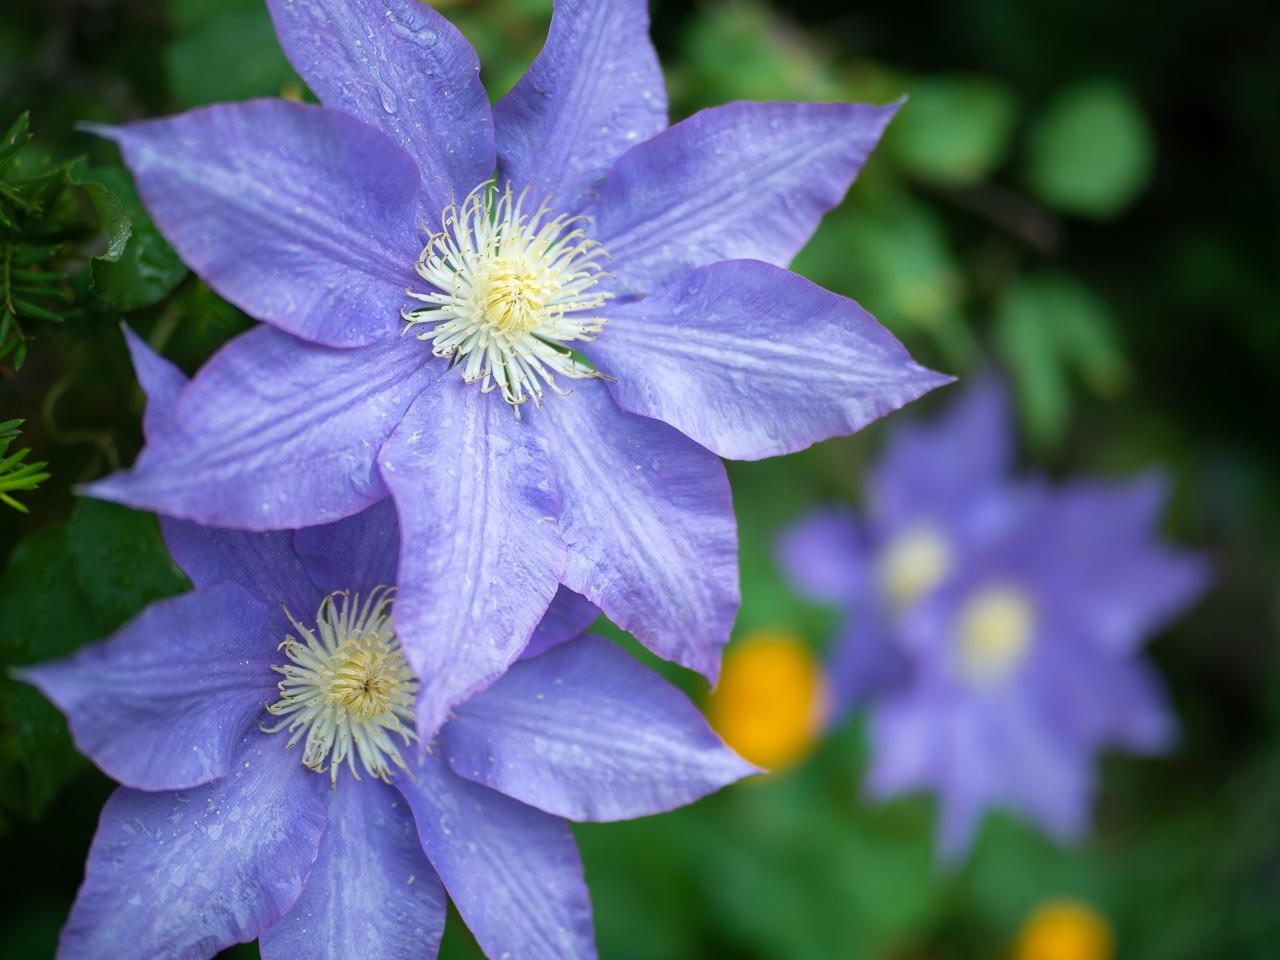 花の写真を撮る心の余裕